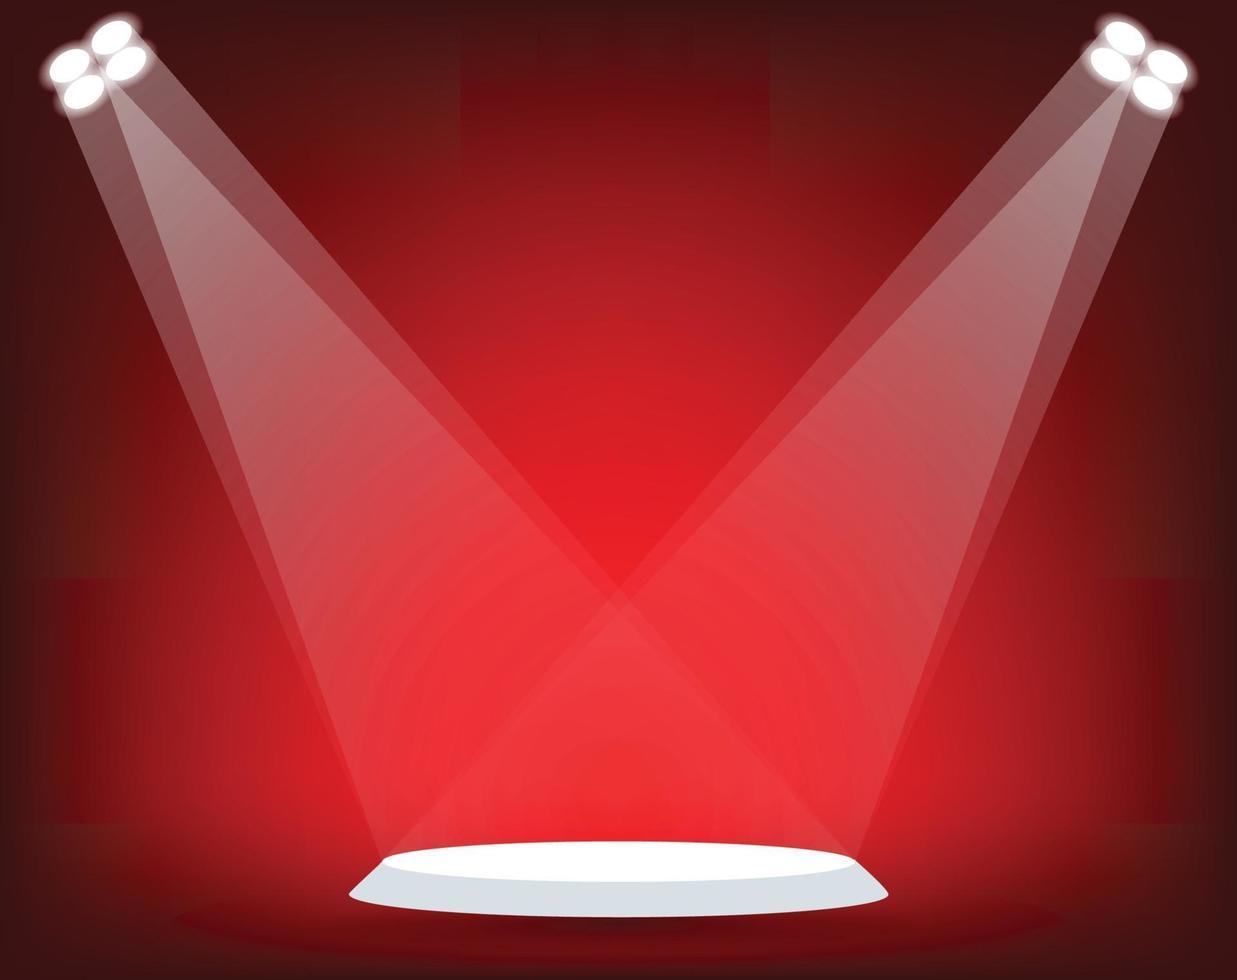 stand con riflettori su sfondo rosso. illustrazione vettoriale